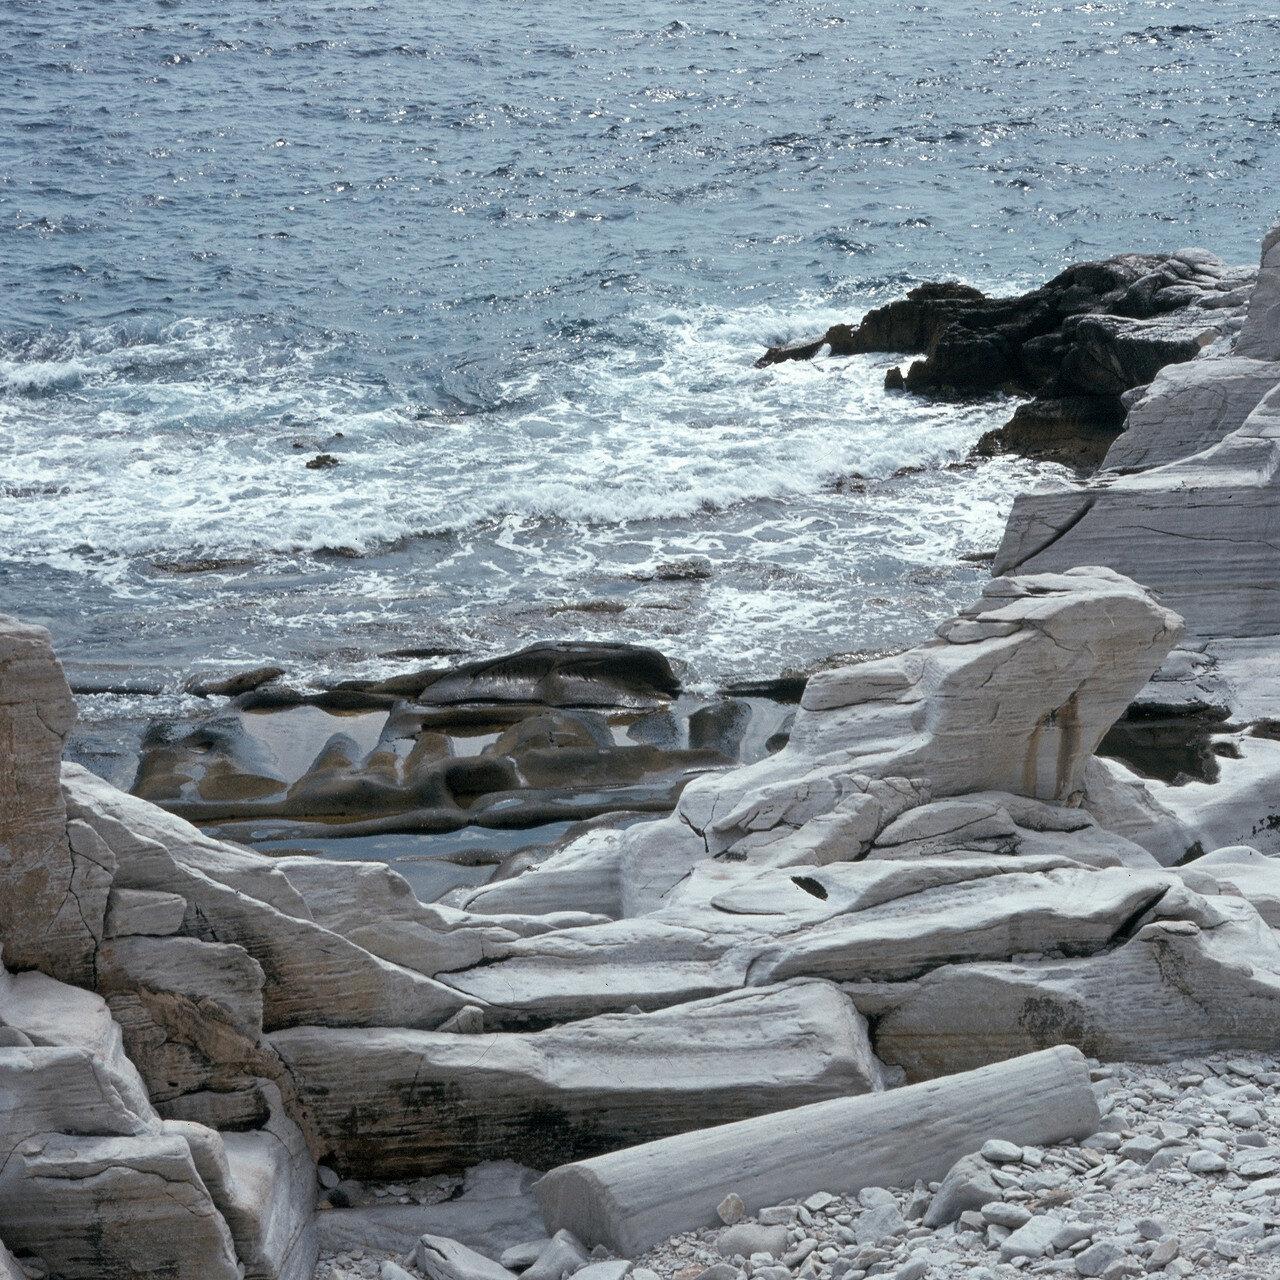 Тасос, Алики. Античный мраморный карьер на берегу моря